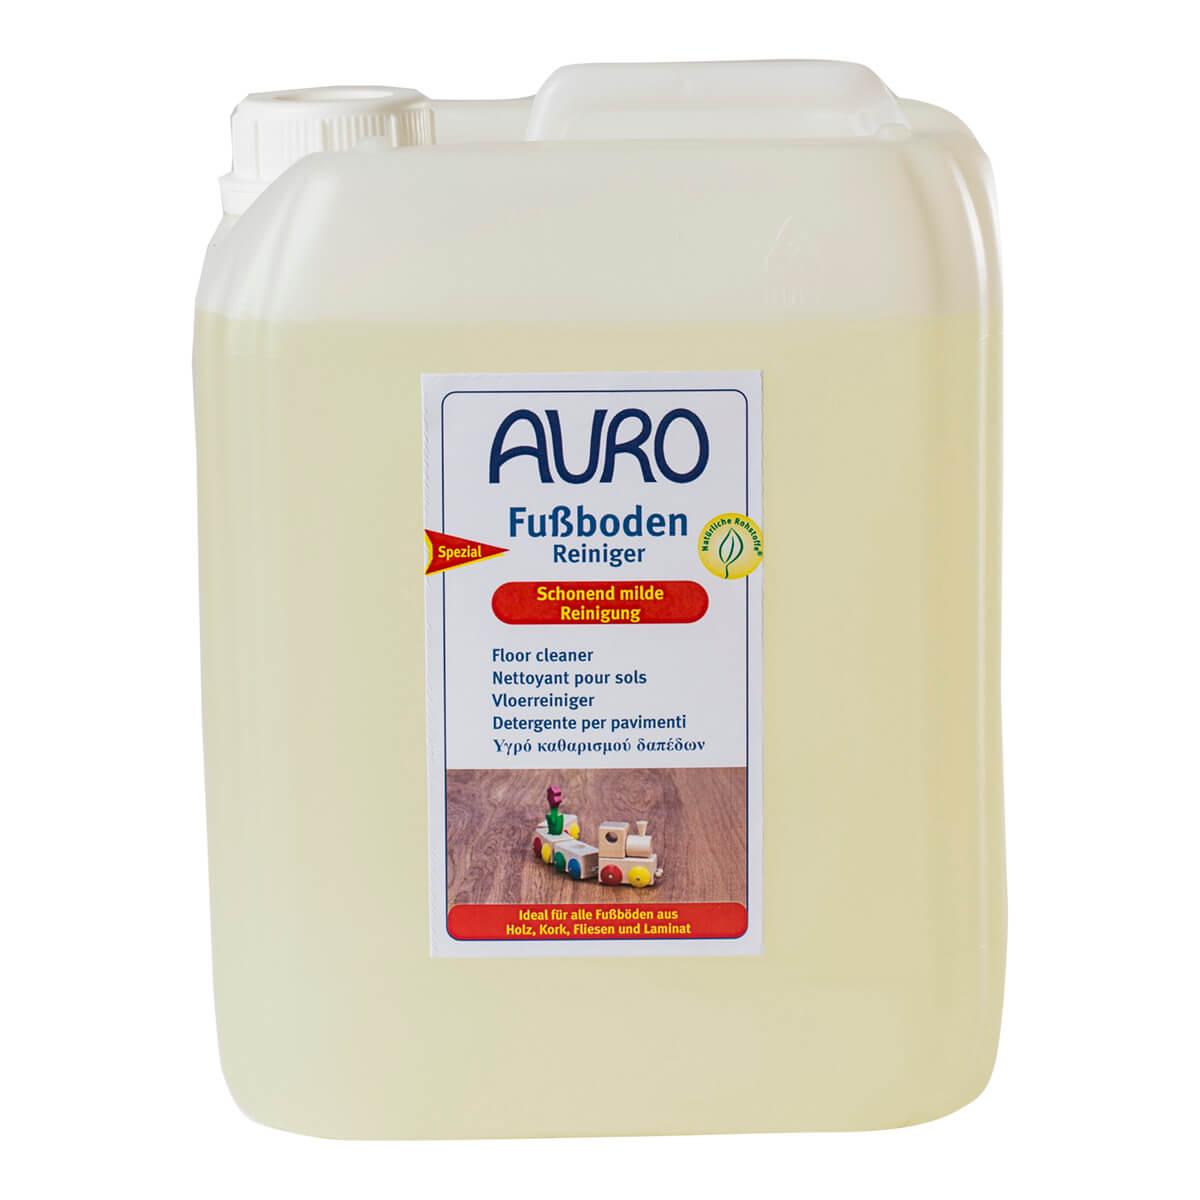 AURO Fußboden-Reiniger Nr. 427 5,00L